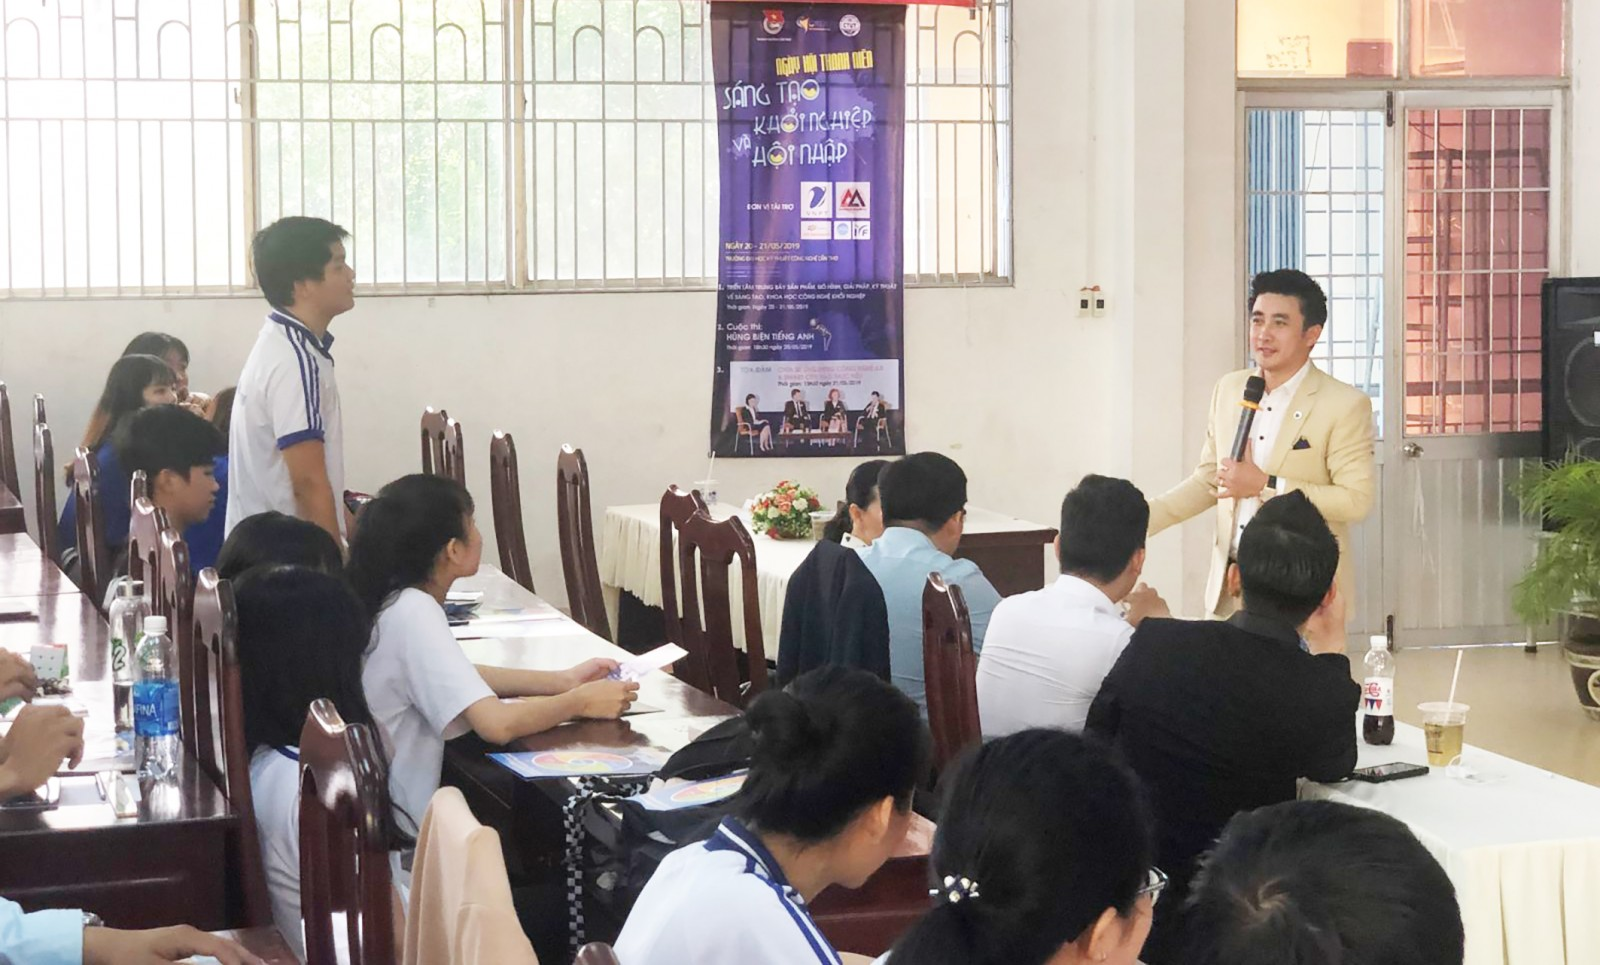 Sinh viên Trường Đại học Kỹ thuật - Công nghệ Cần Thơ giao lưu với doanh nhân John Nguyễn tại buổi tọa đàm. Ảnh: QUỐC THÁI